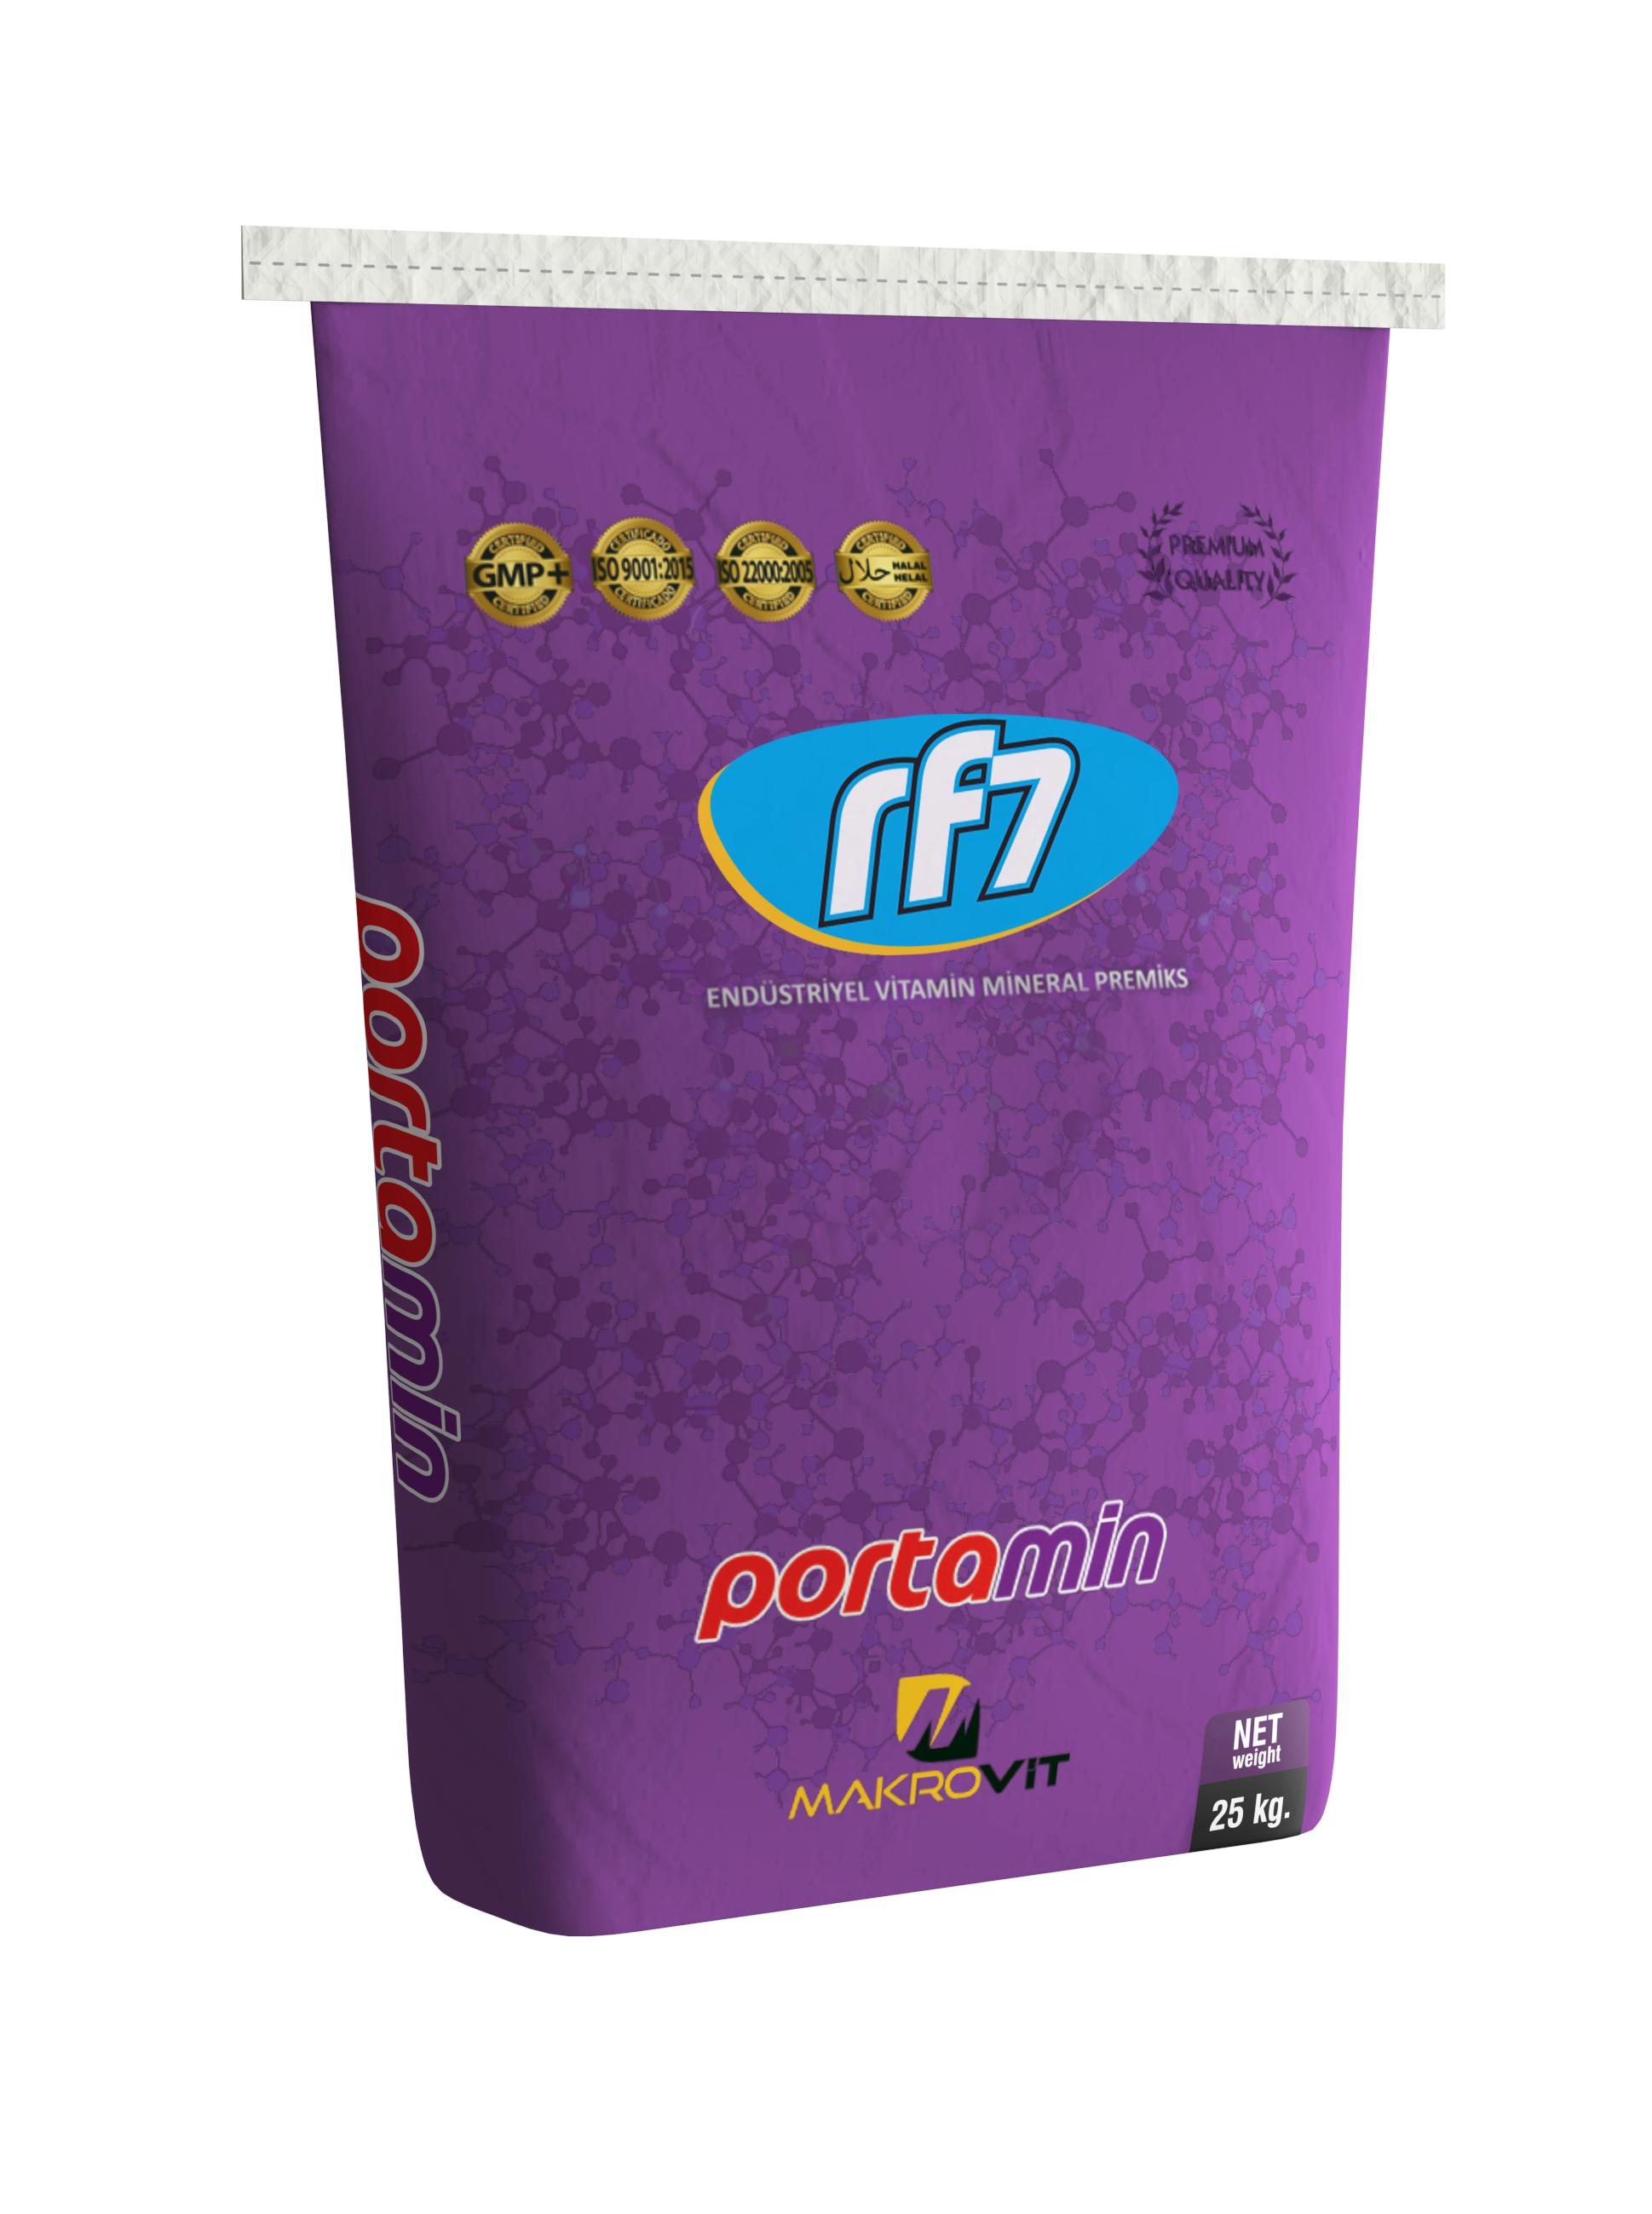 Portamin Rf7